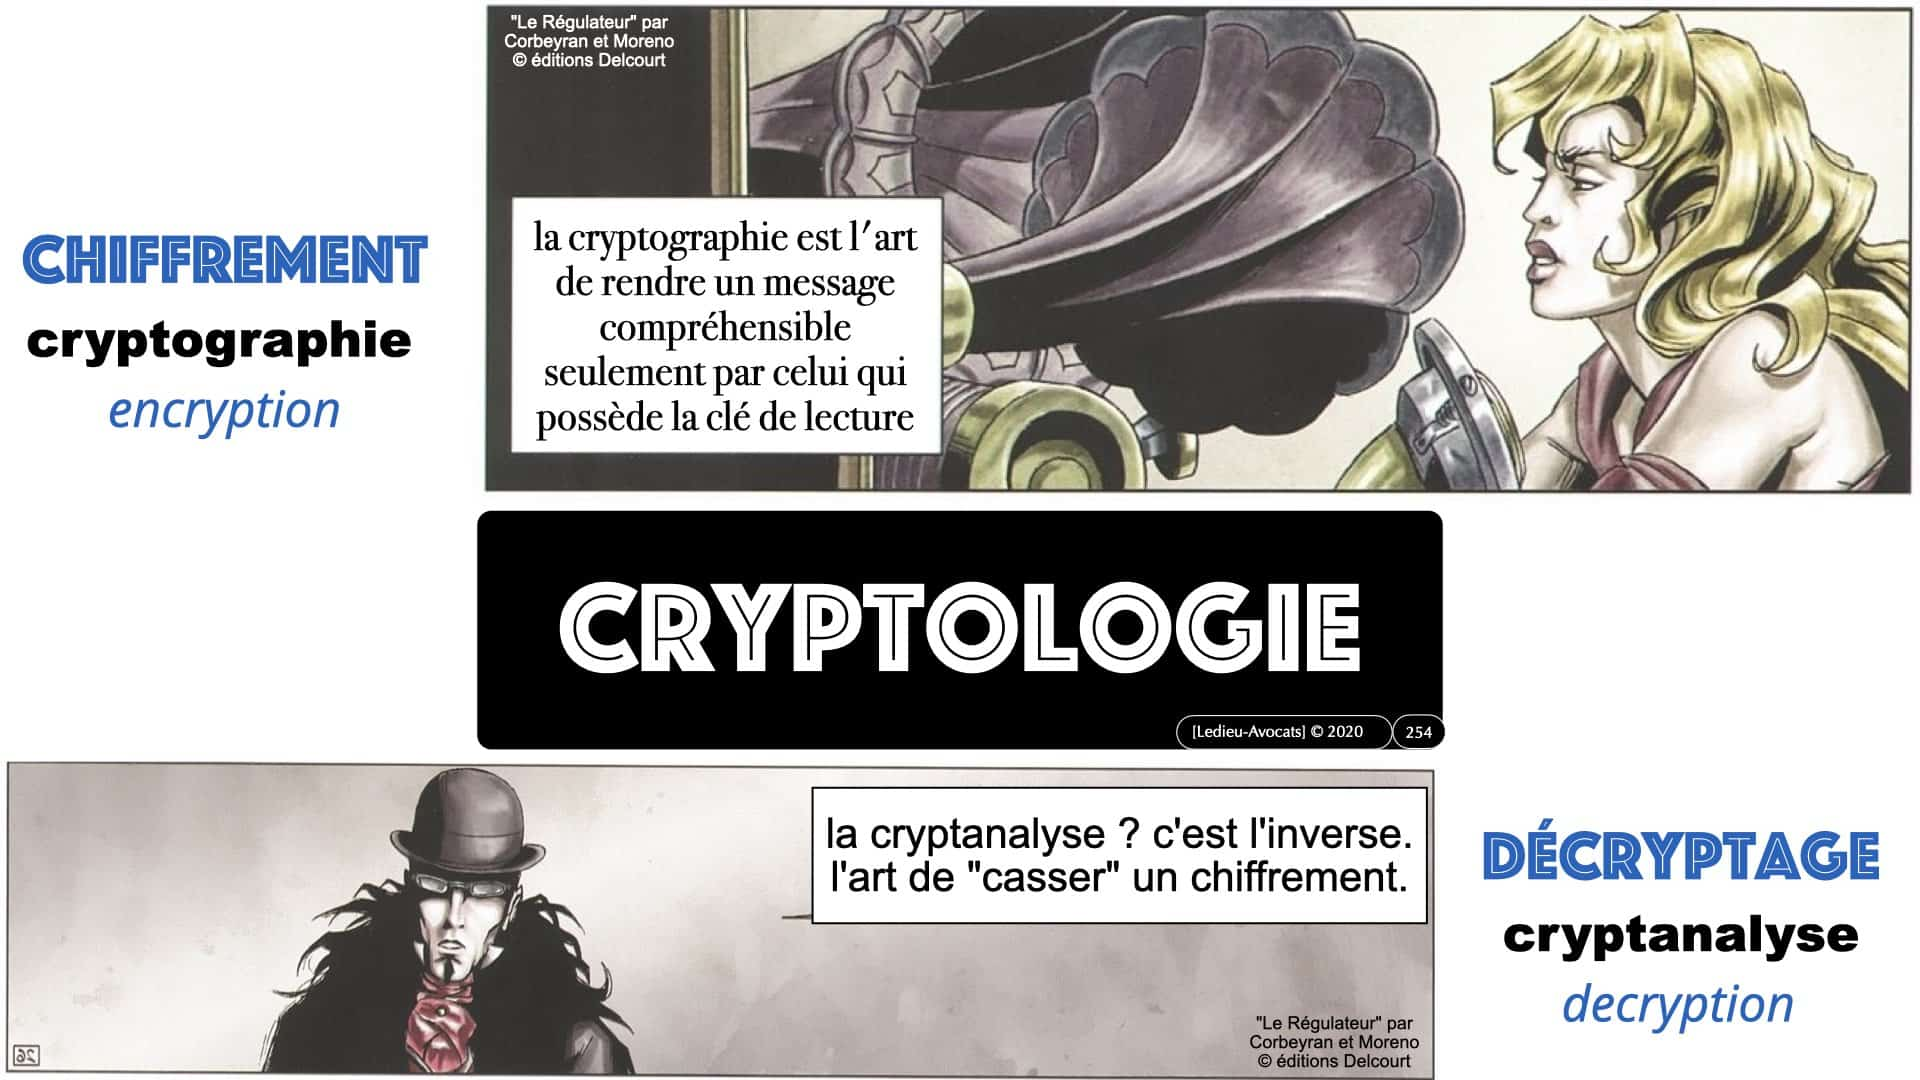 RGPD e-Privacy données personnelles jurisprudence formation Lamy Les Echos 10-02-2021 ©Ledieu-Avocats.254